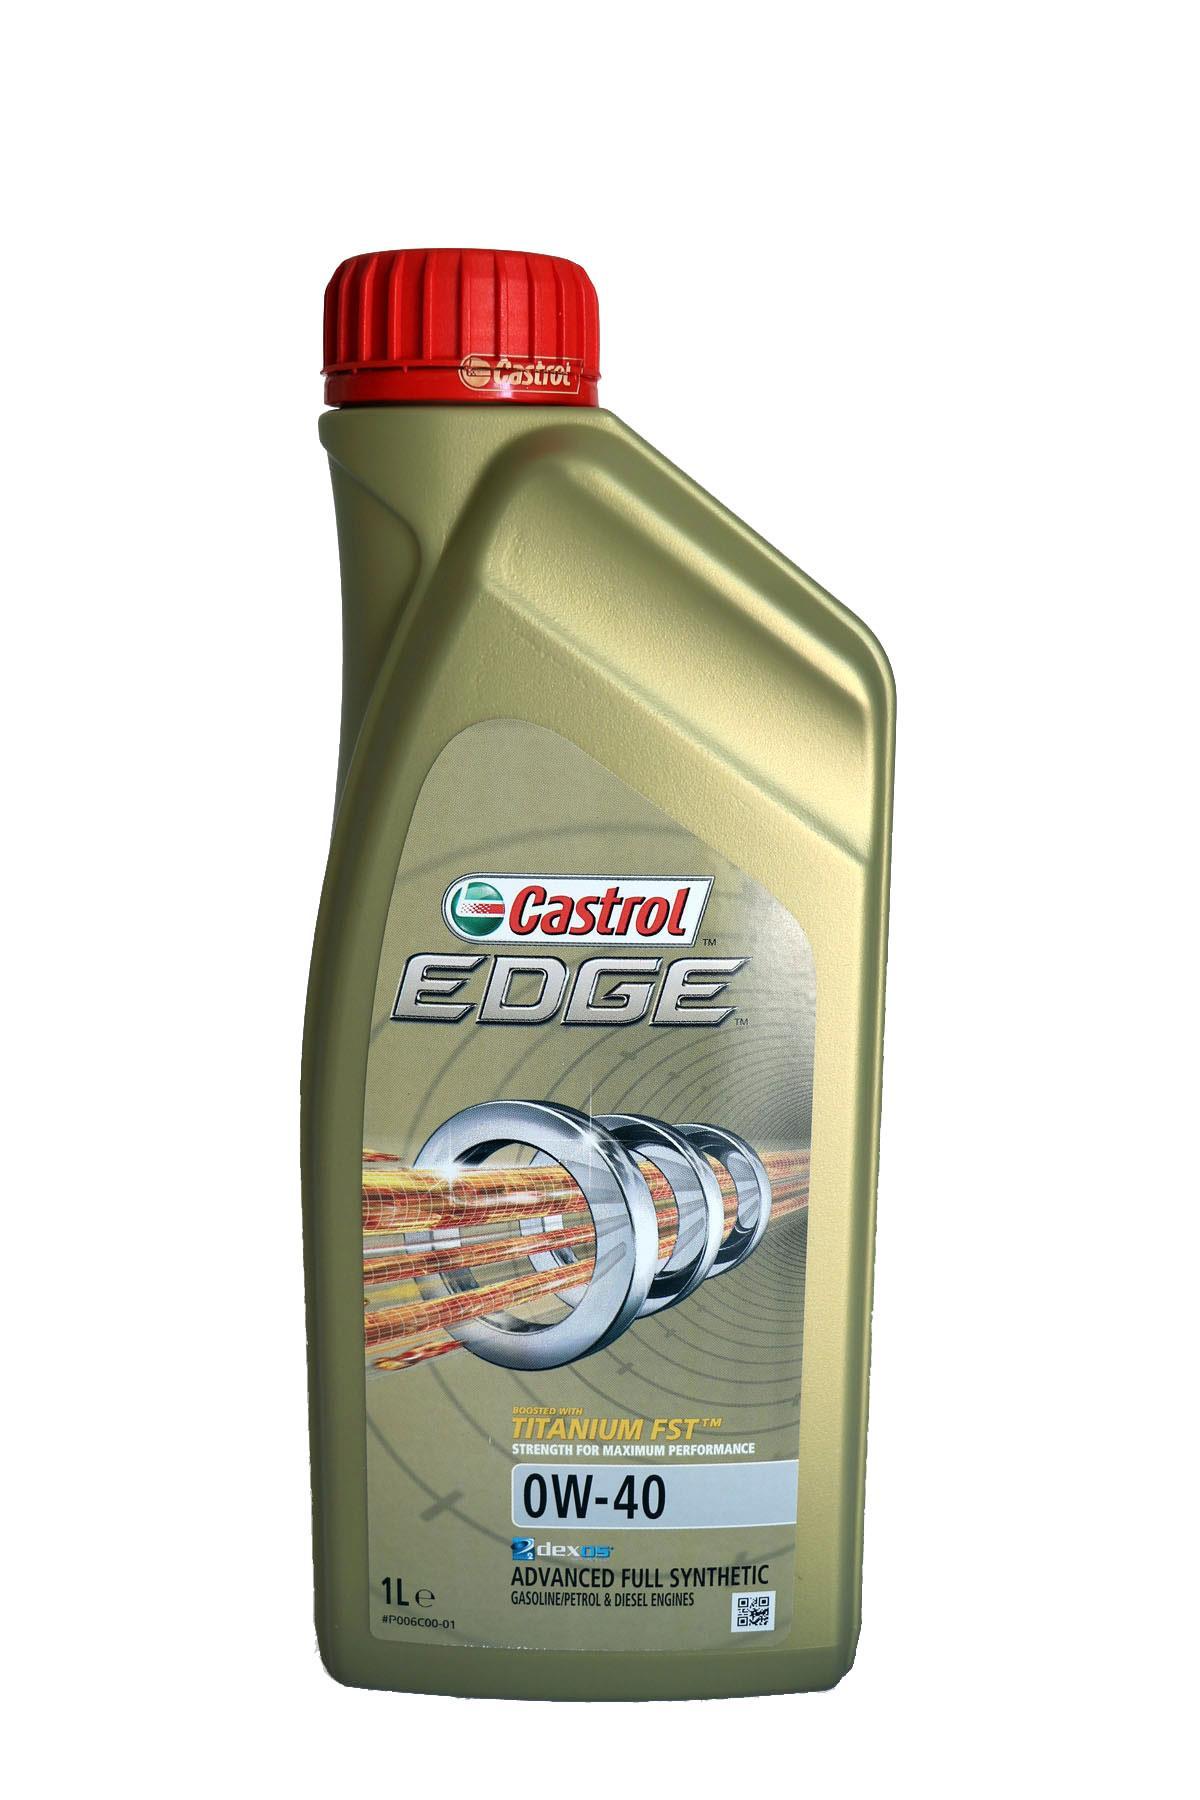 Castrol Edge 0W-40 Motoröl, 1l